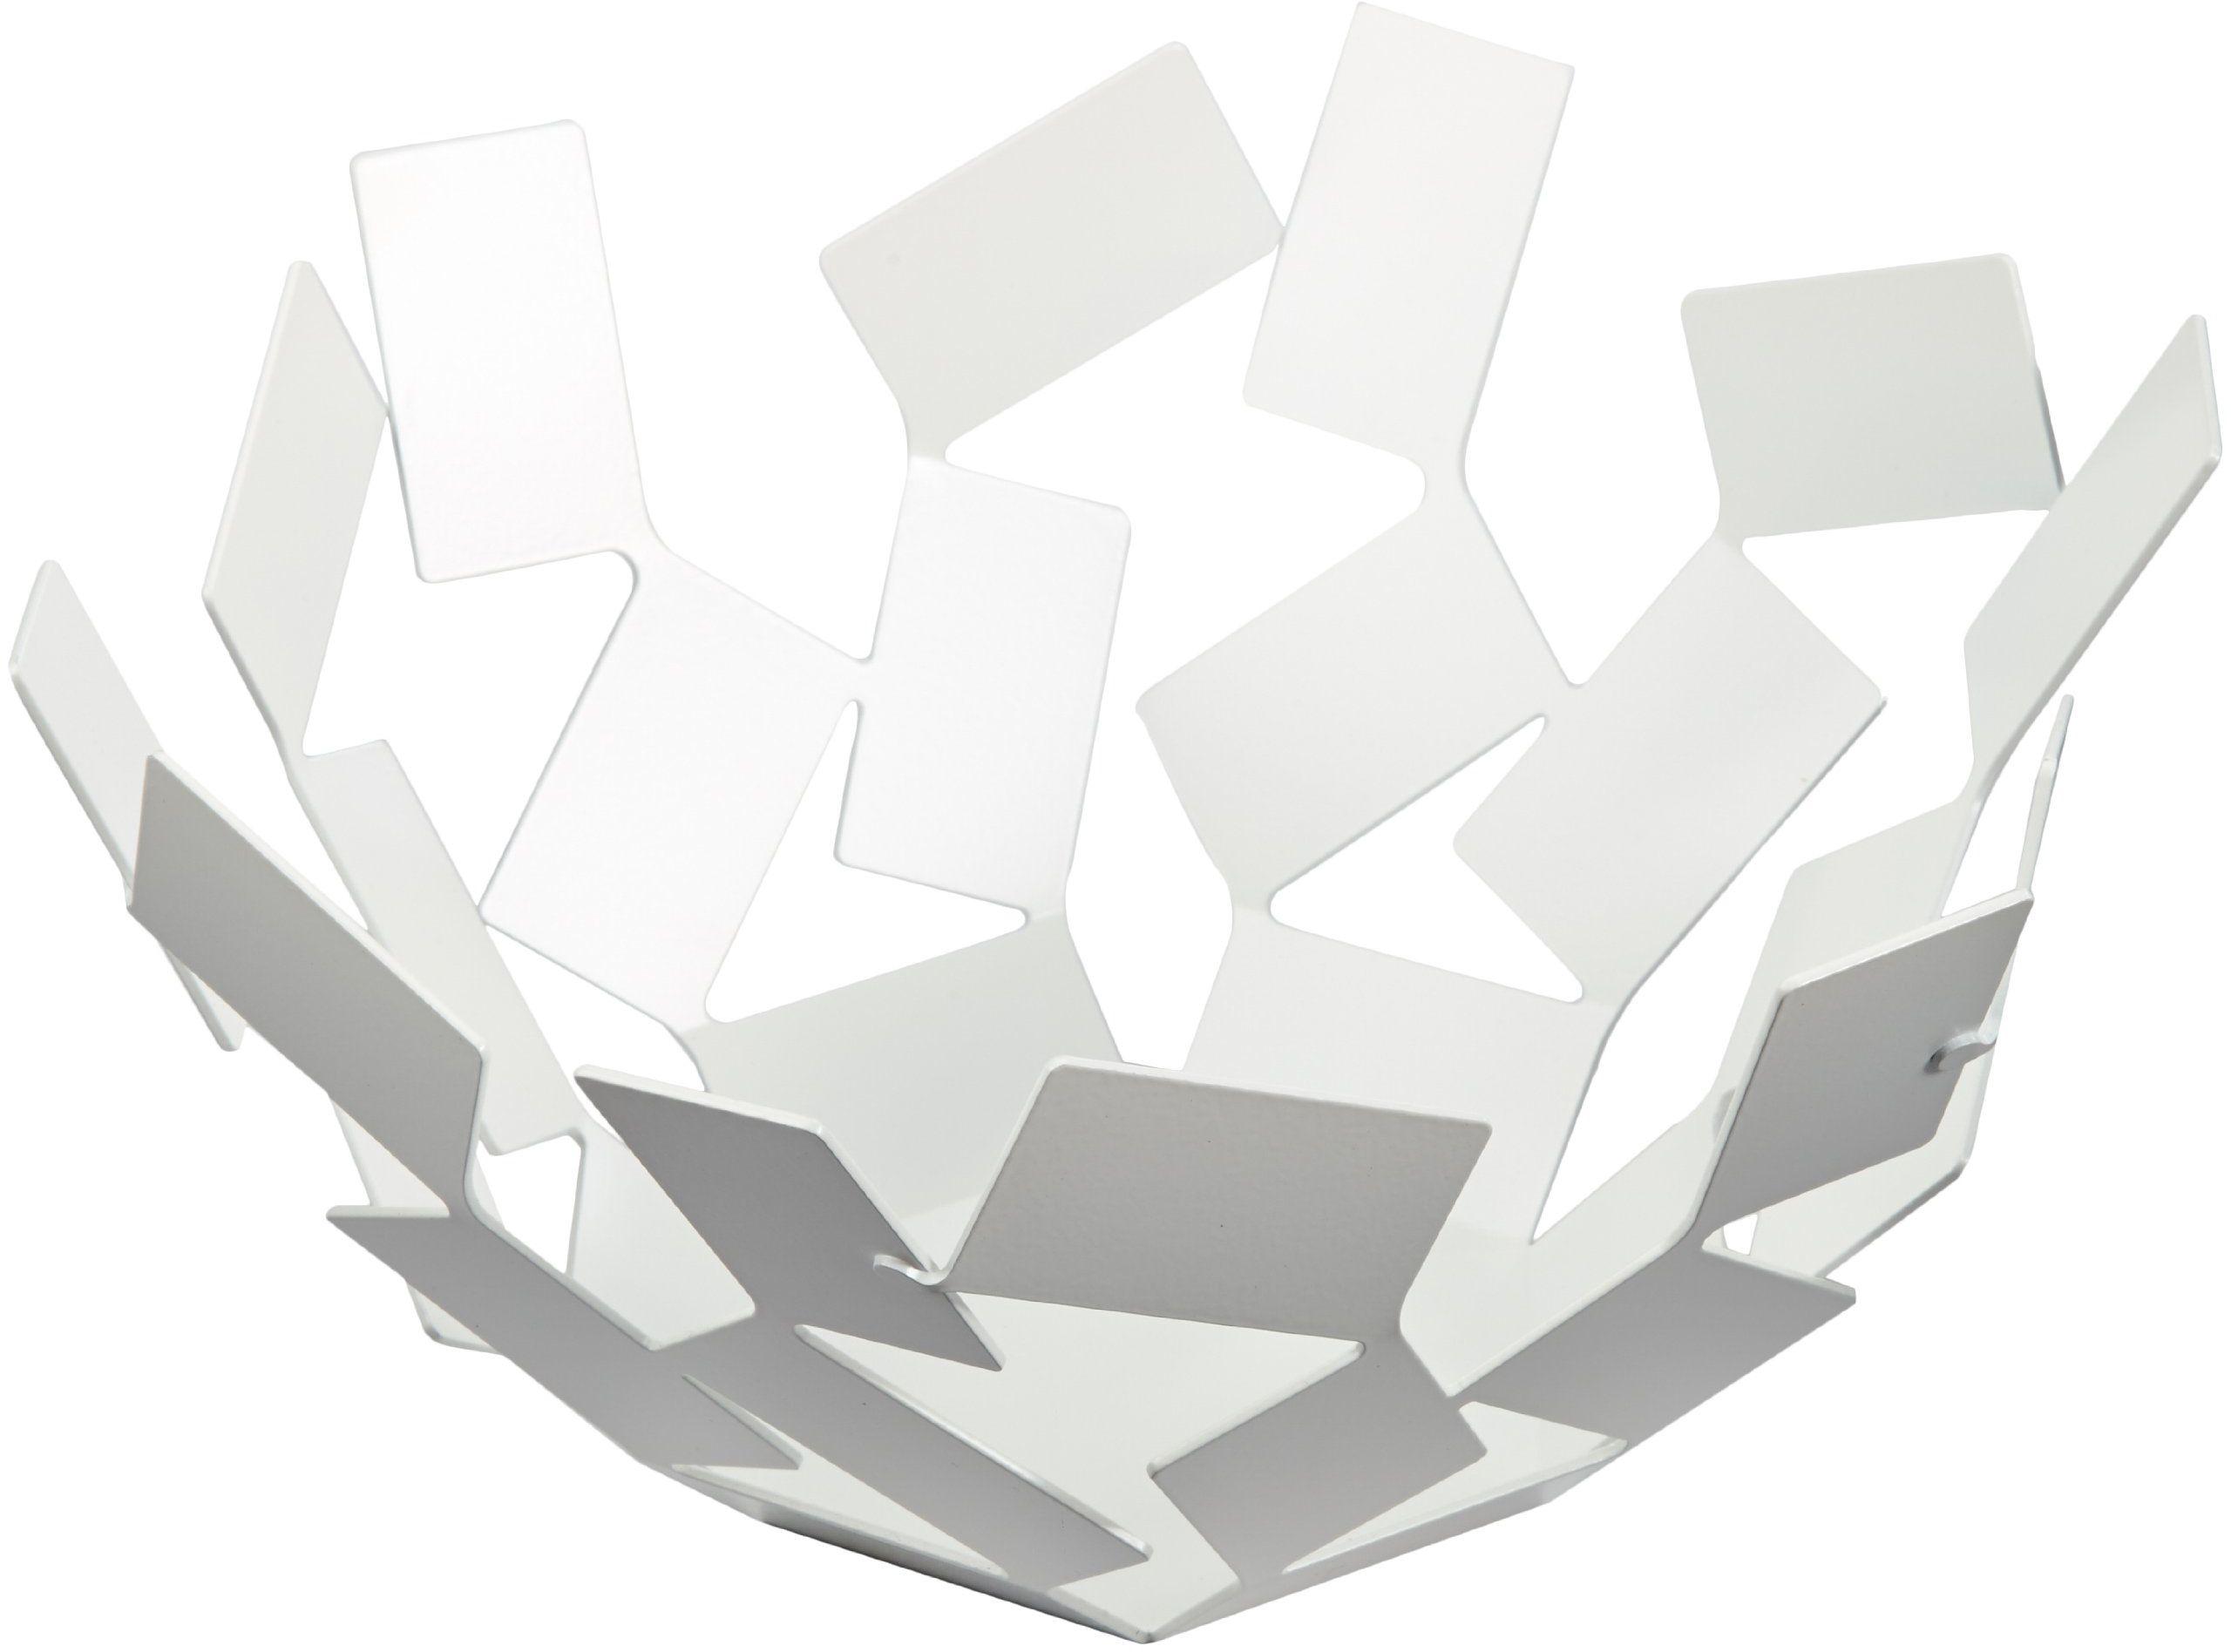 """Alessi """"La Stanza dello Scirocco"""", miska na owoce, biała, stal szlachetna 18/10, lakierowana na biało, 27,3 x 27,3 x 13 cm"""